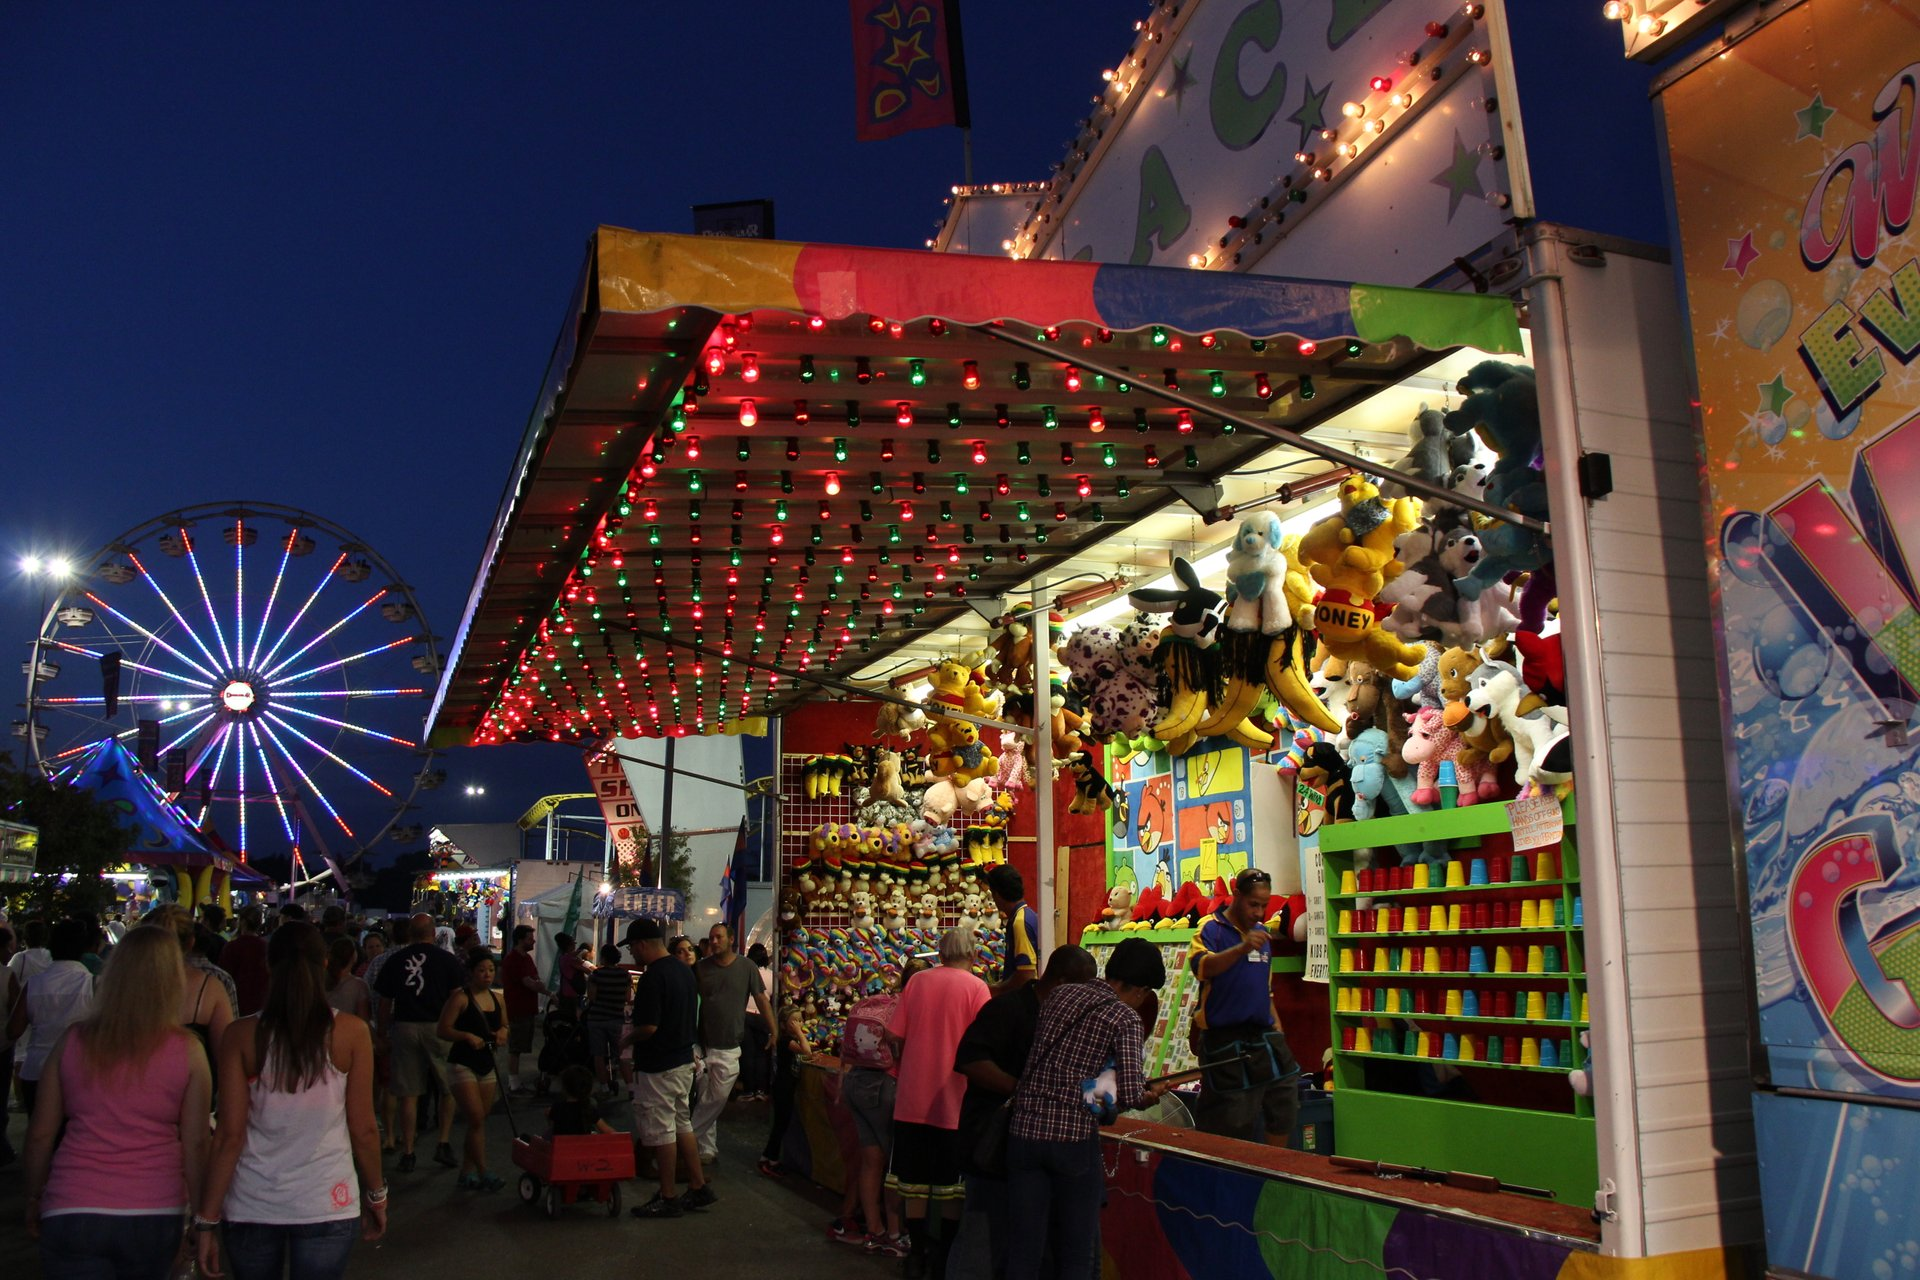 State Fair of Virginia in Virginia 2020 - Best Time